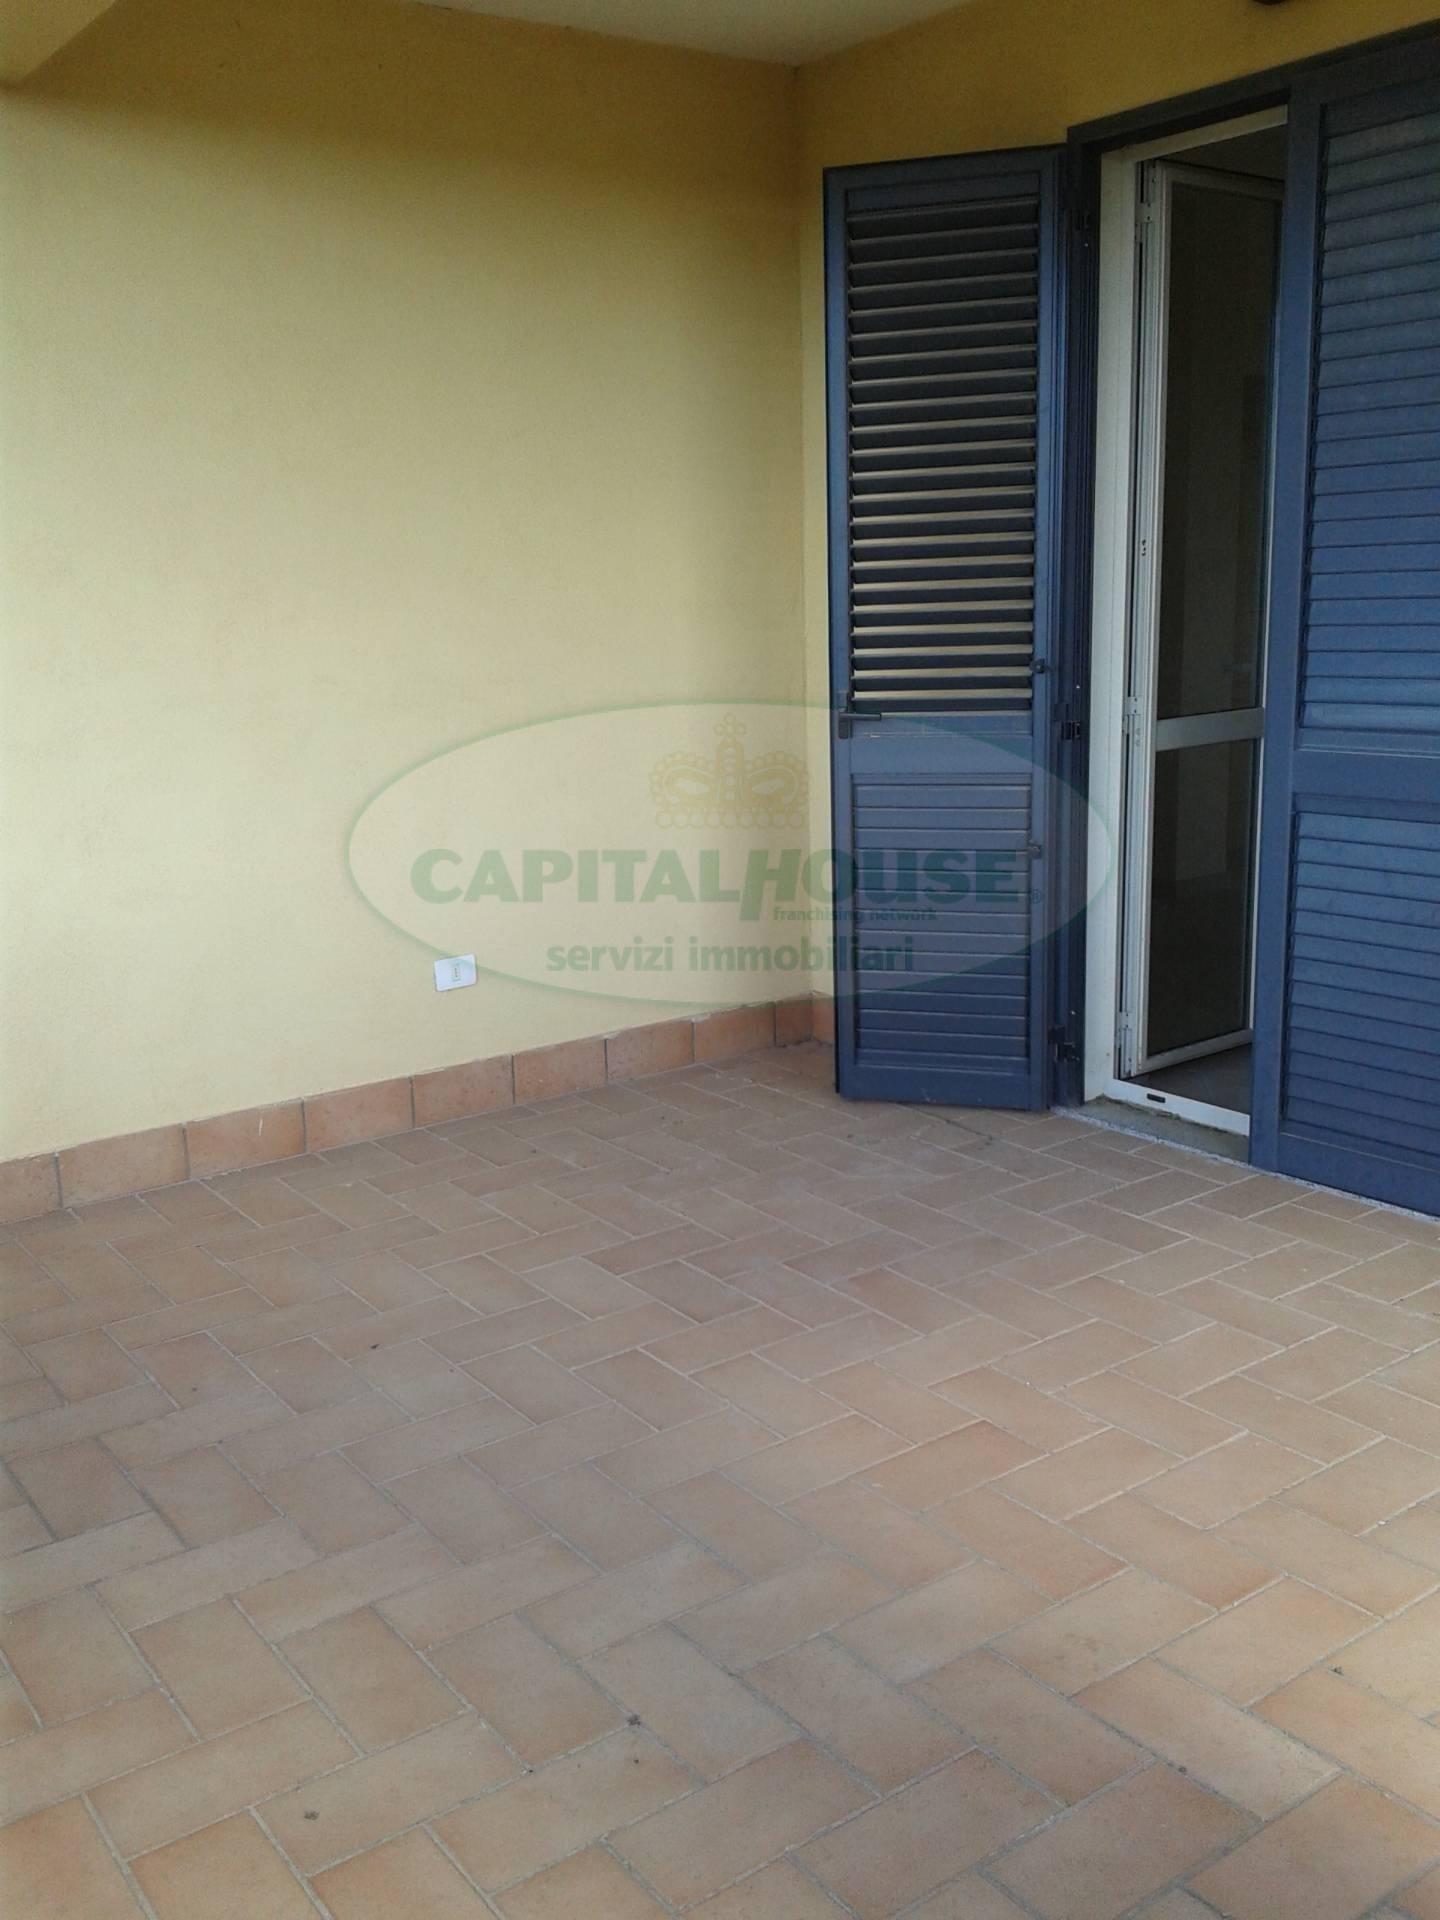 120 portico appartamento in vendita a portico di caserta for Portico auto in vendita